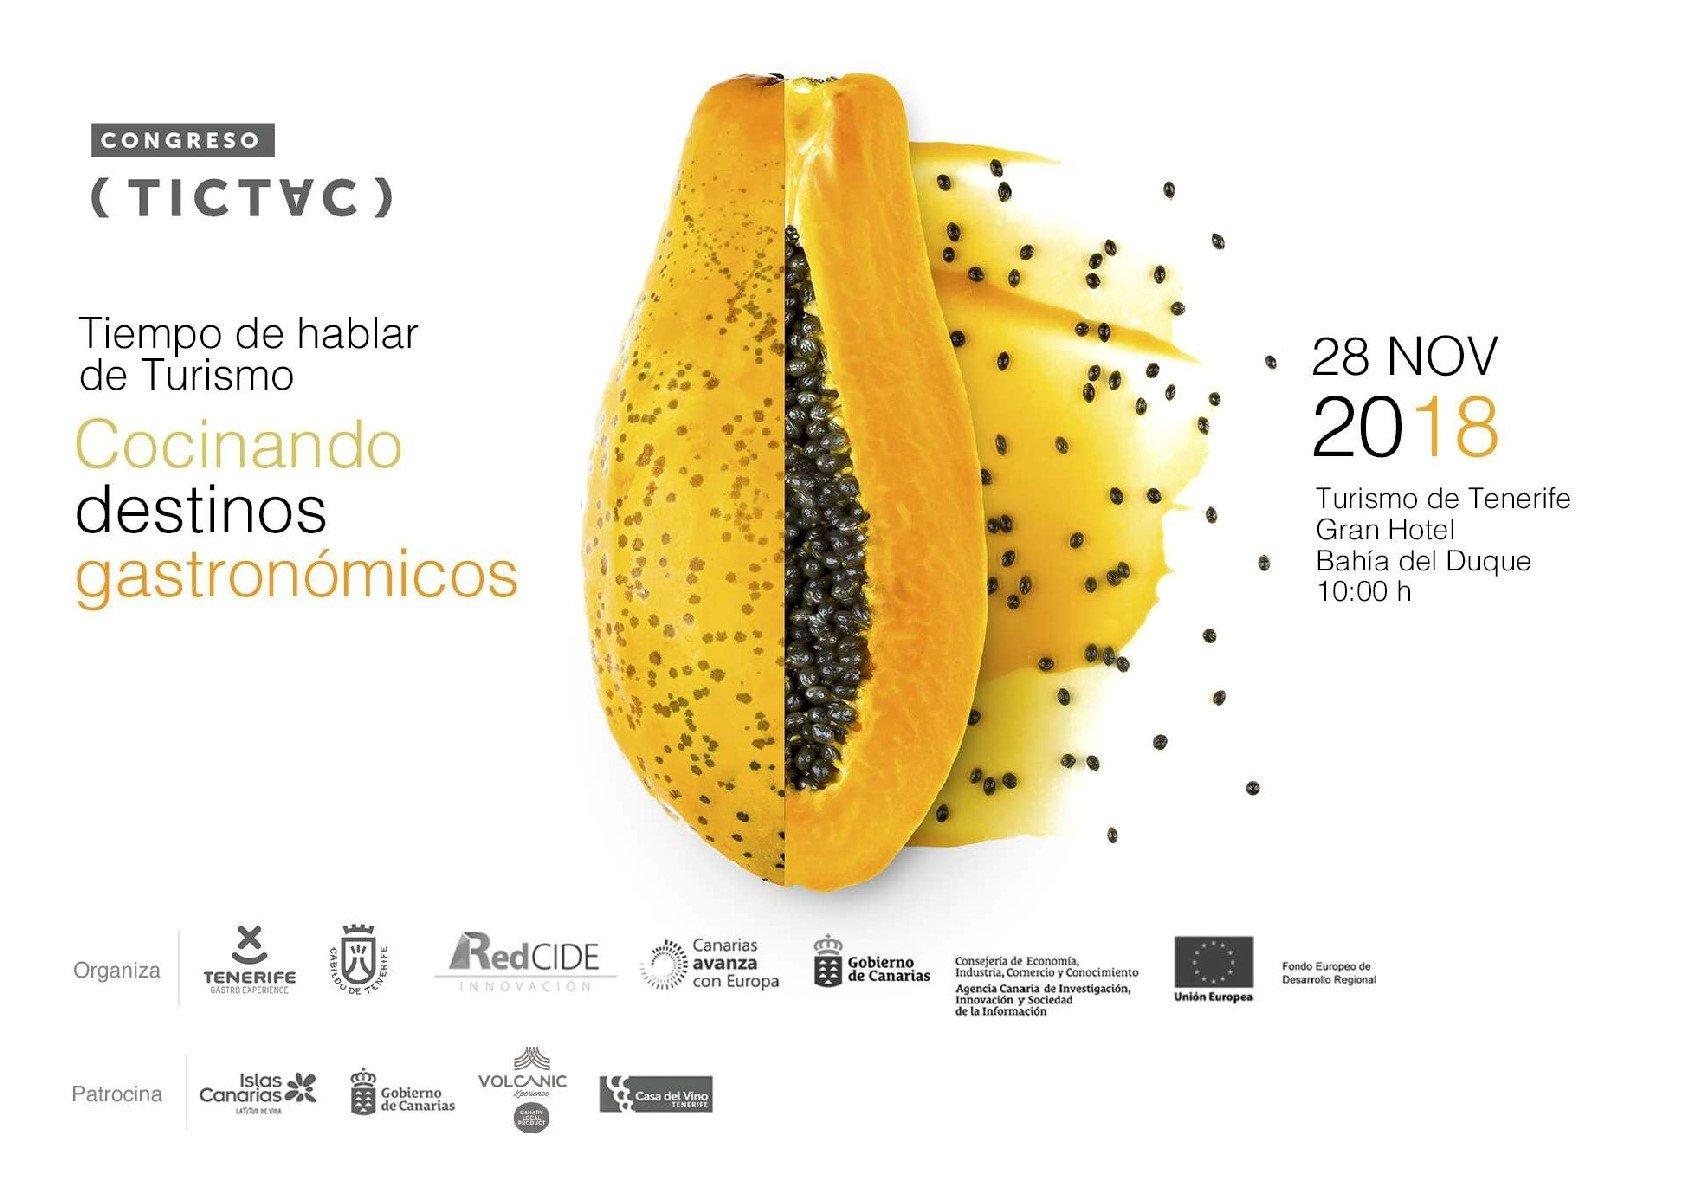 Congreso TIC TAC Cocinando destinos gastronómicos